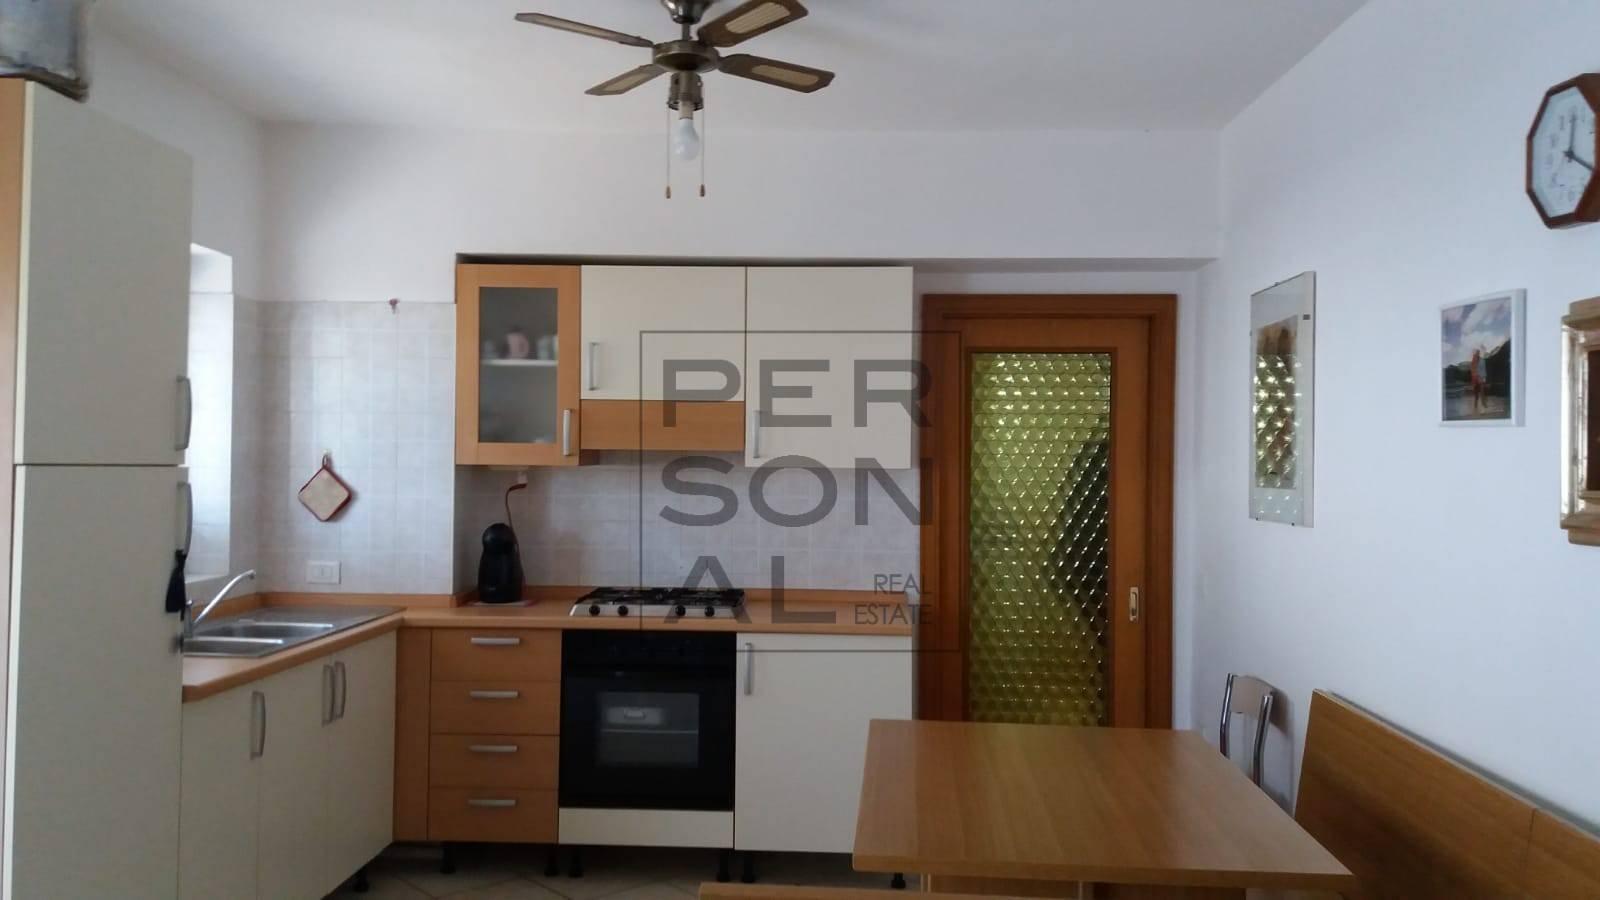 Appartamento in vendita a Besenello, 2 locali, prezzo € 108.000 | CambioCasa.it